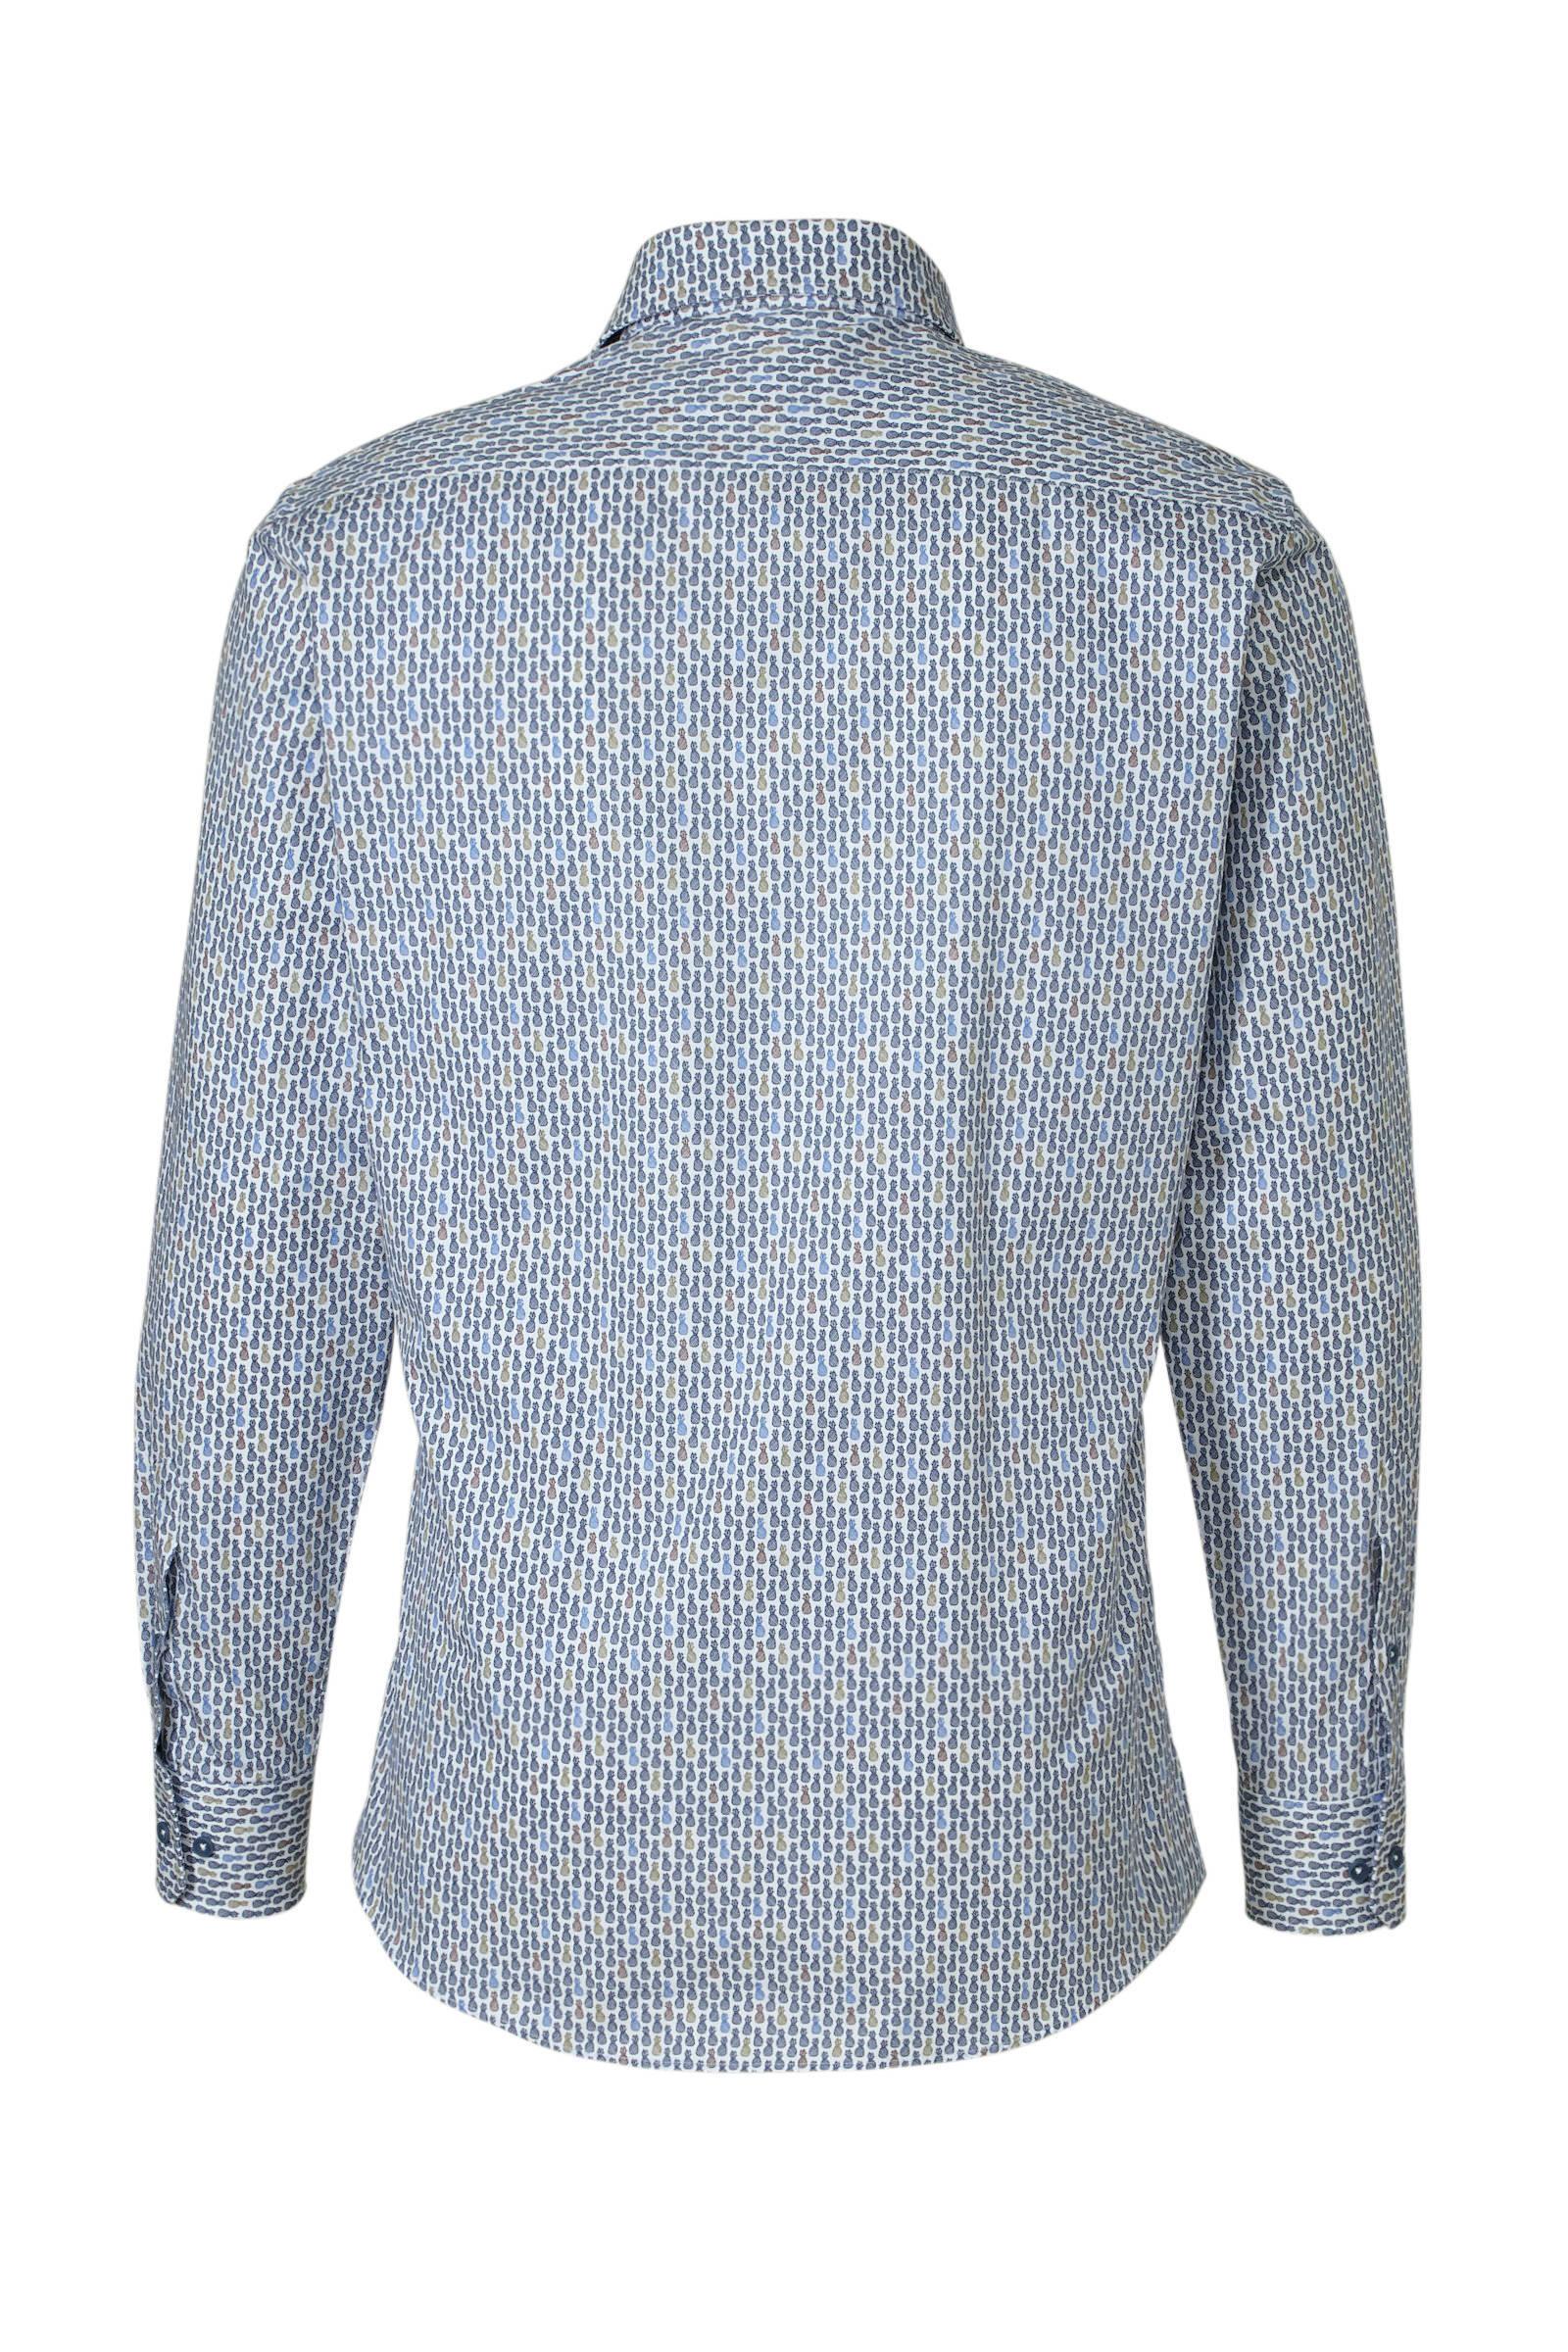 Michaelis fit overhemd slim Michaelis overhemd r6rwxSPqFI